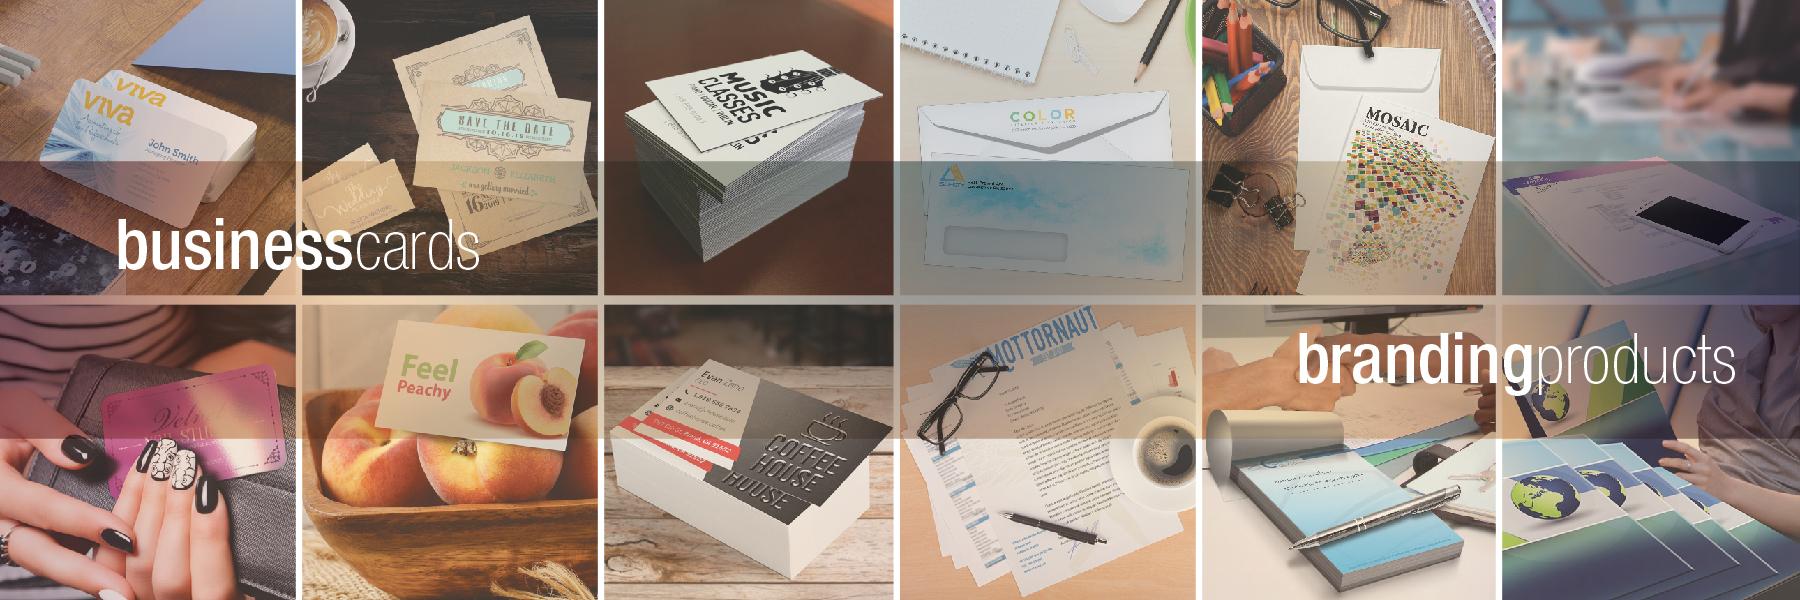 EDH-PrintRunner002-01.jpg